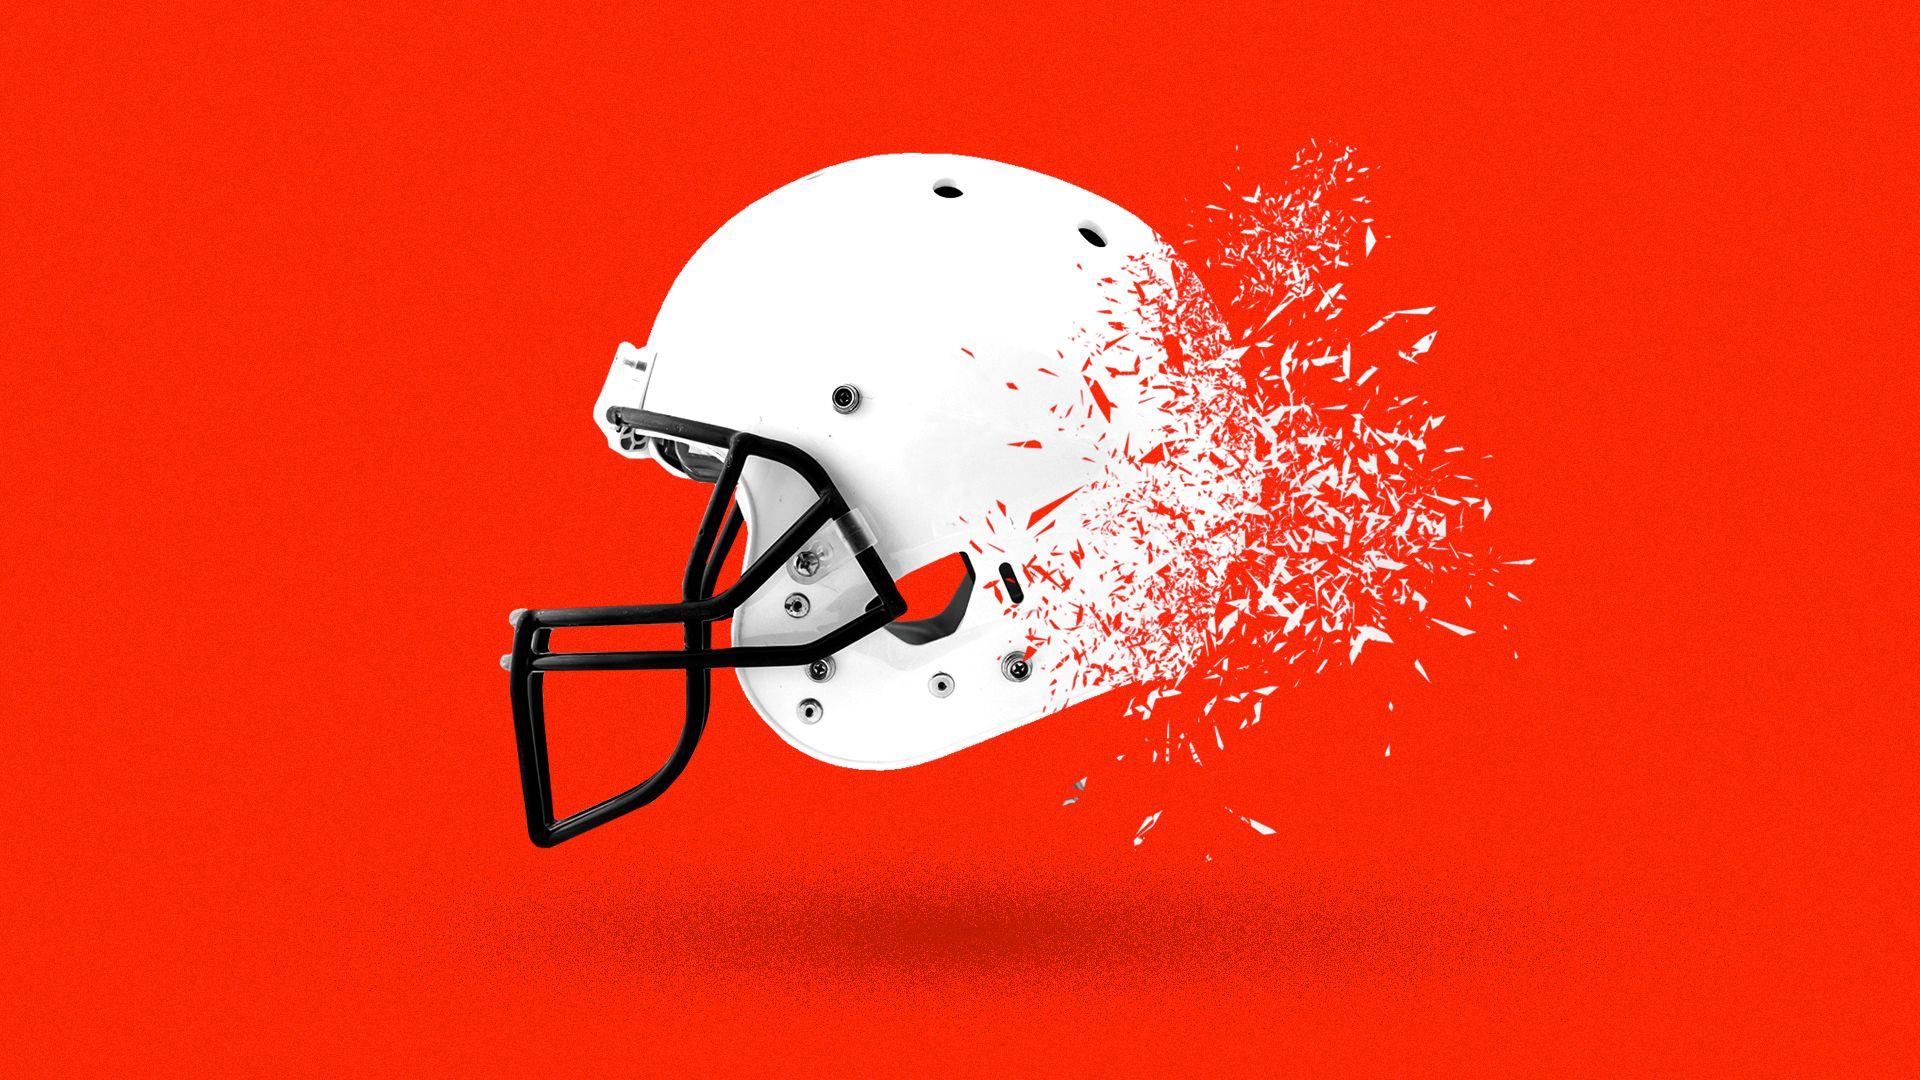 Illustration of a helmet shattering